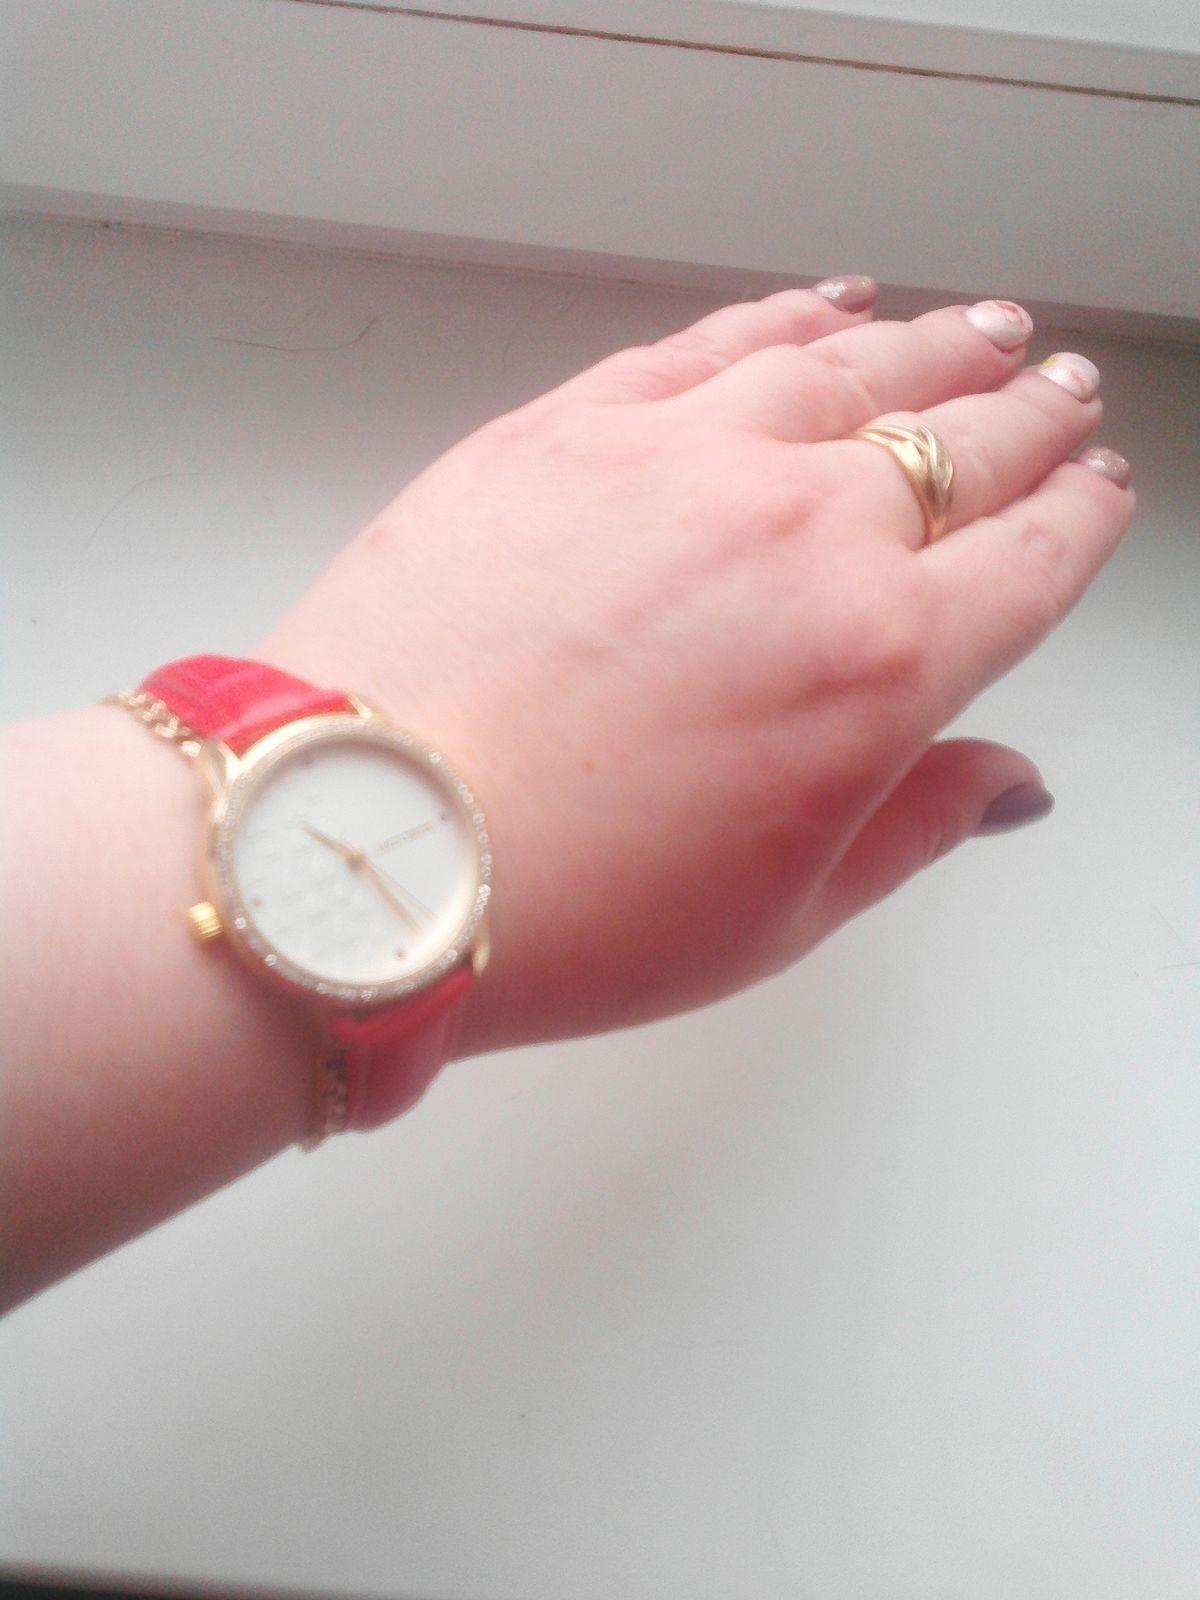 Часы Супер.Очень красивые,модные и яркие.Смотрятся классно.Браслет удобный.